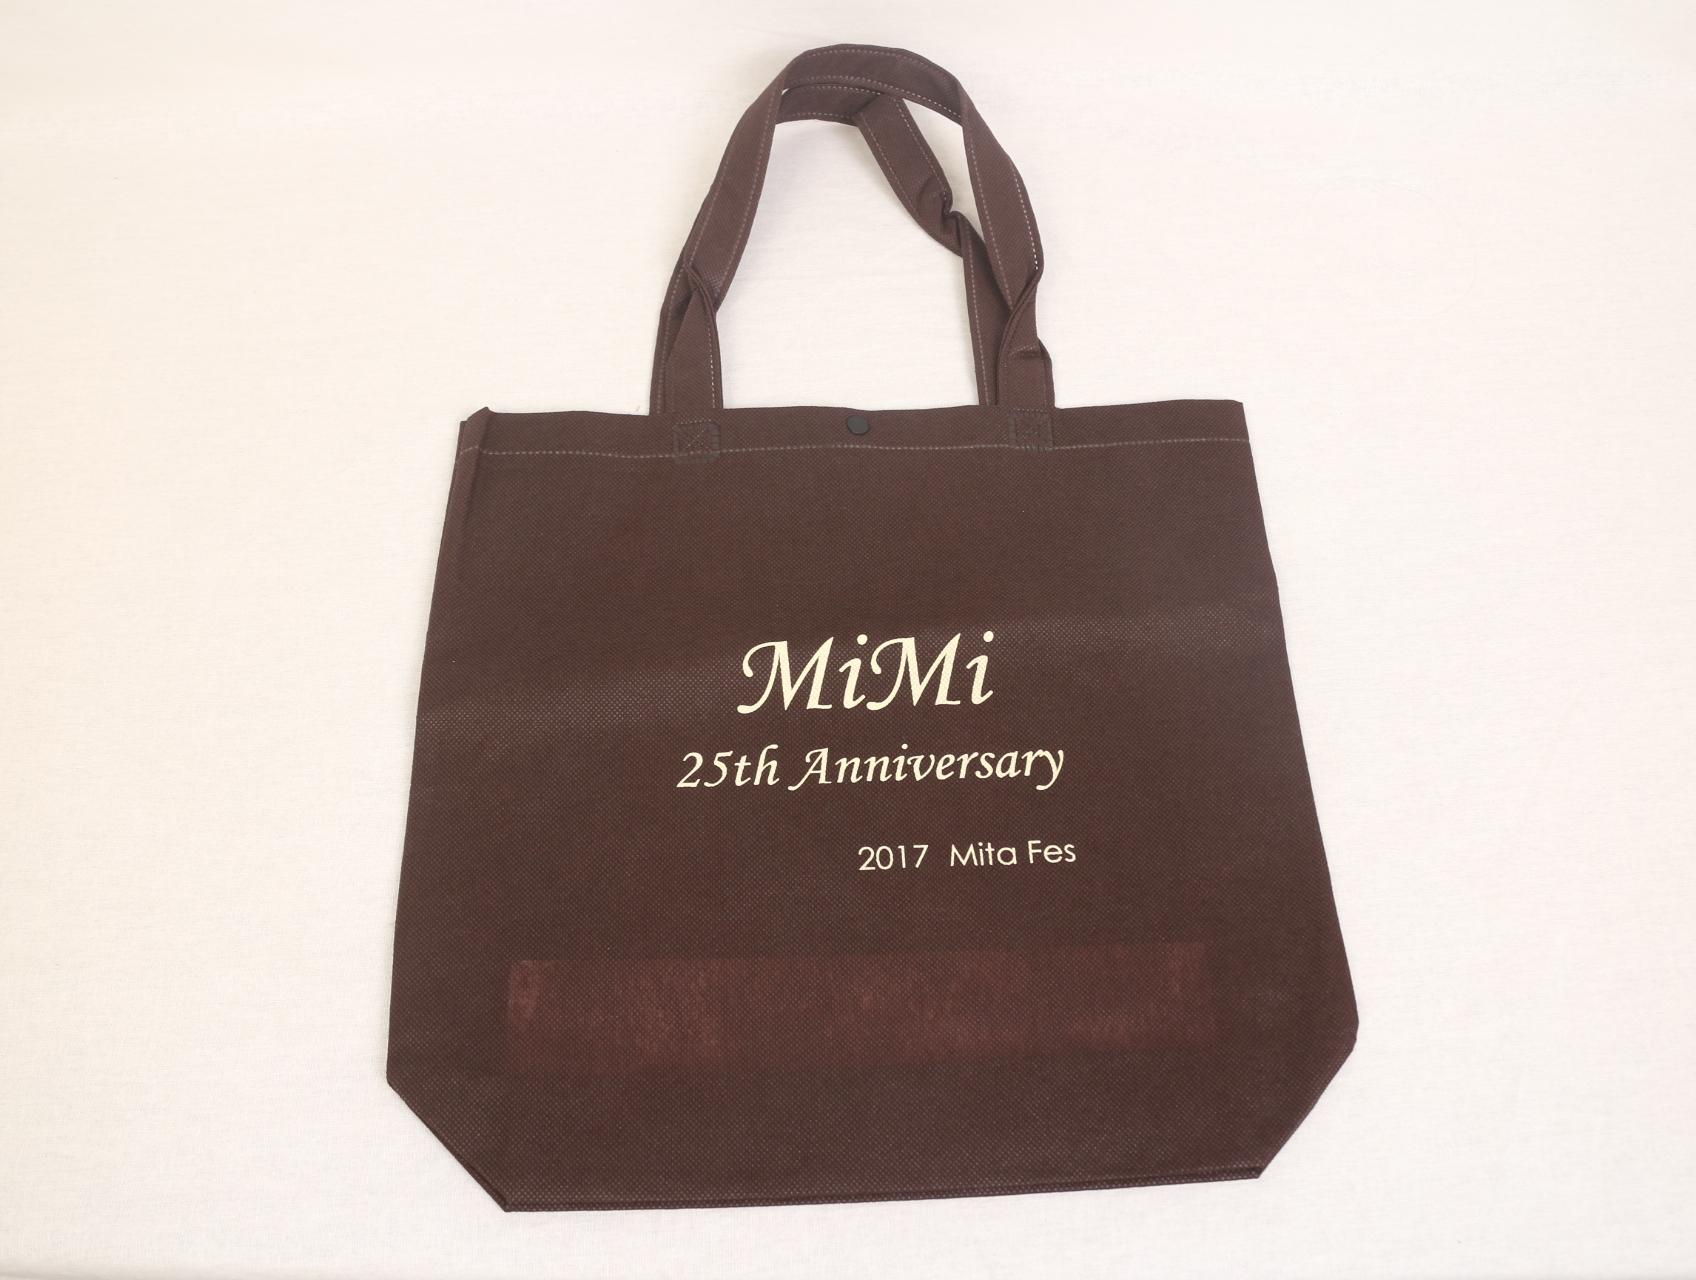 イベントで使用されますオリジナル不織布バッグ